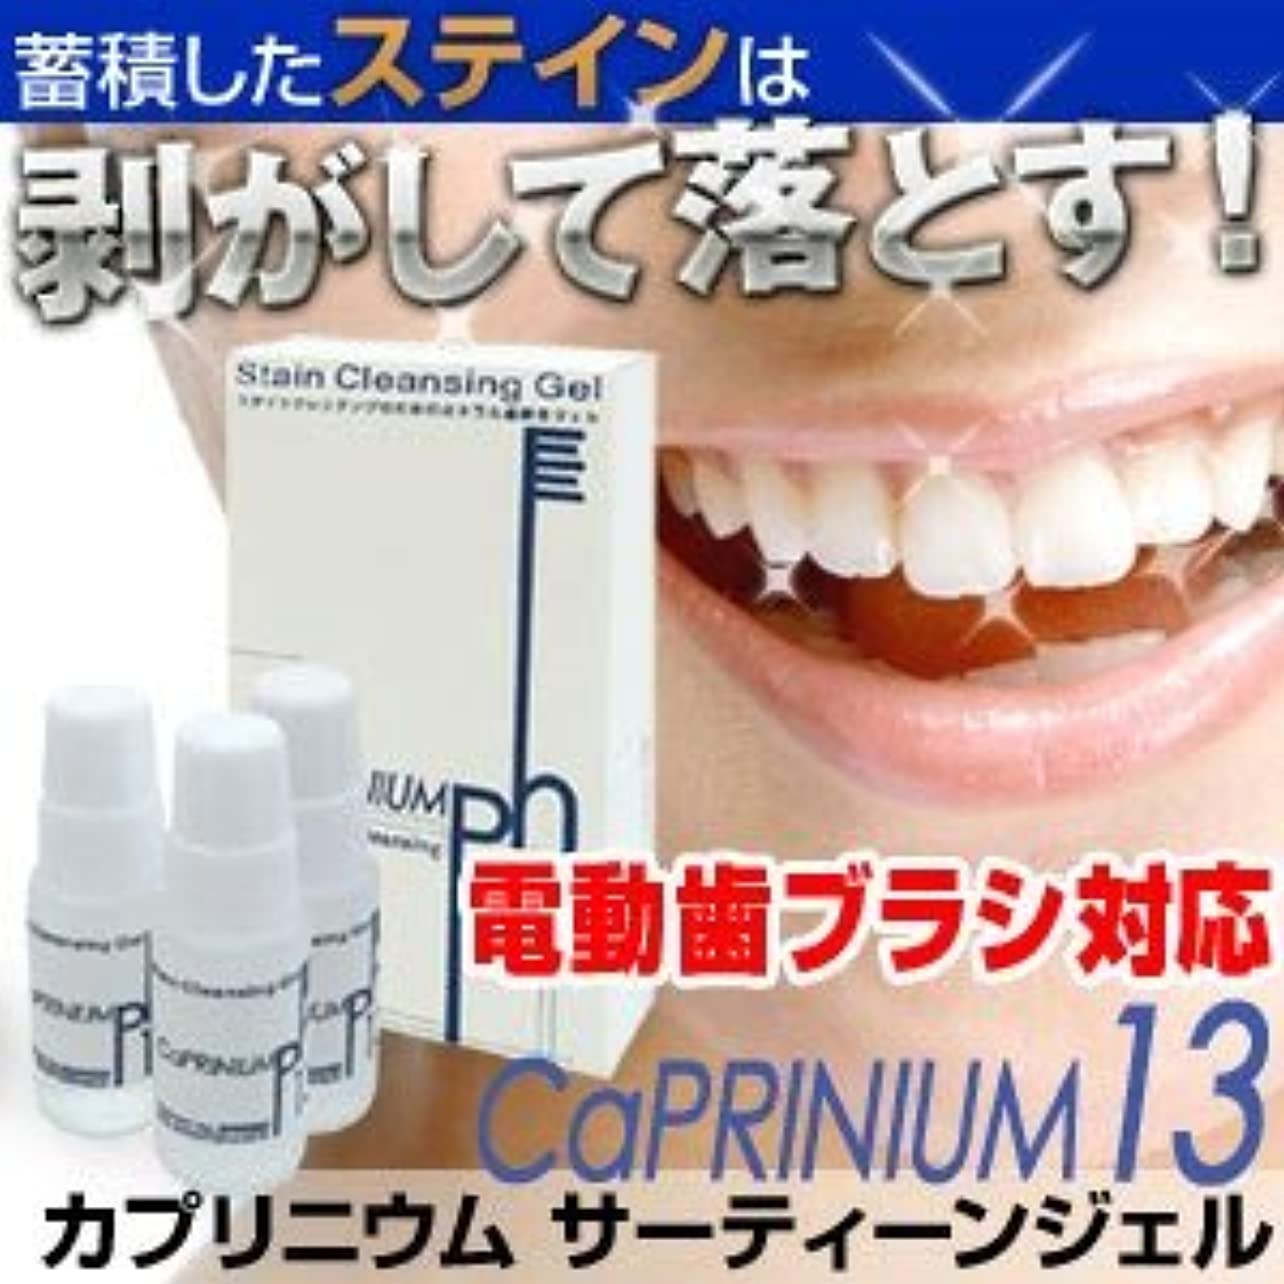 機械ワーディアンケース辞書カプリニウム サーティーンジェル(CaPRINIUM 13) 新発想のホワイトニング歯磨きジェル